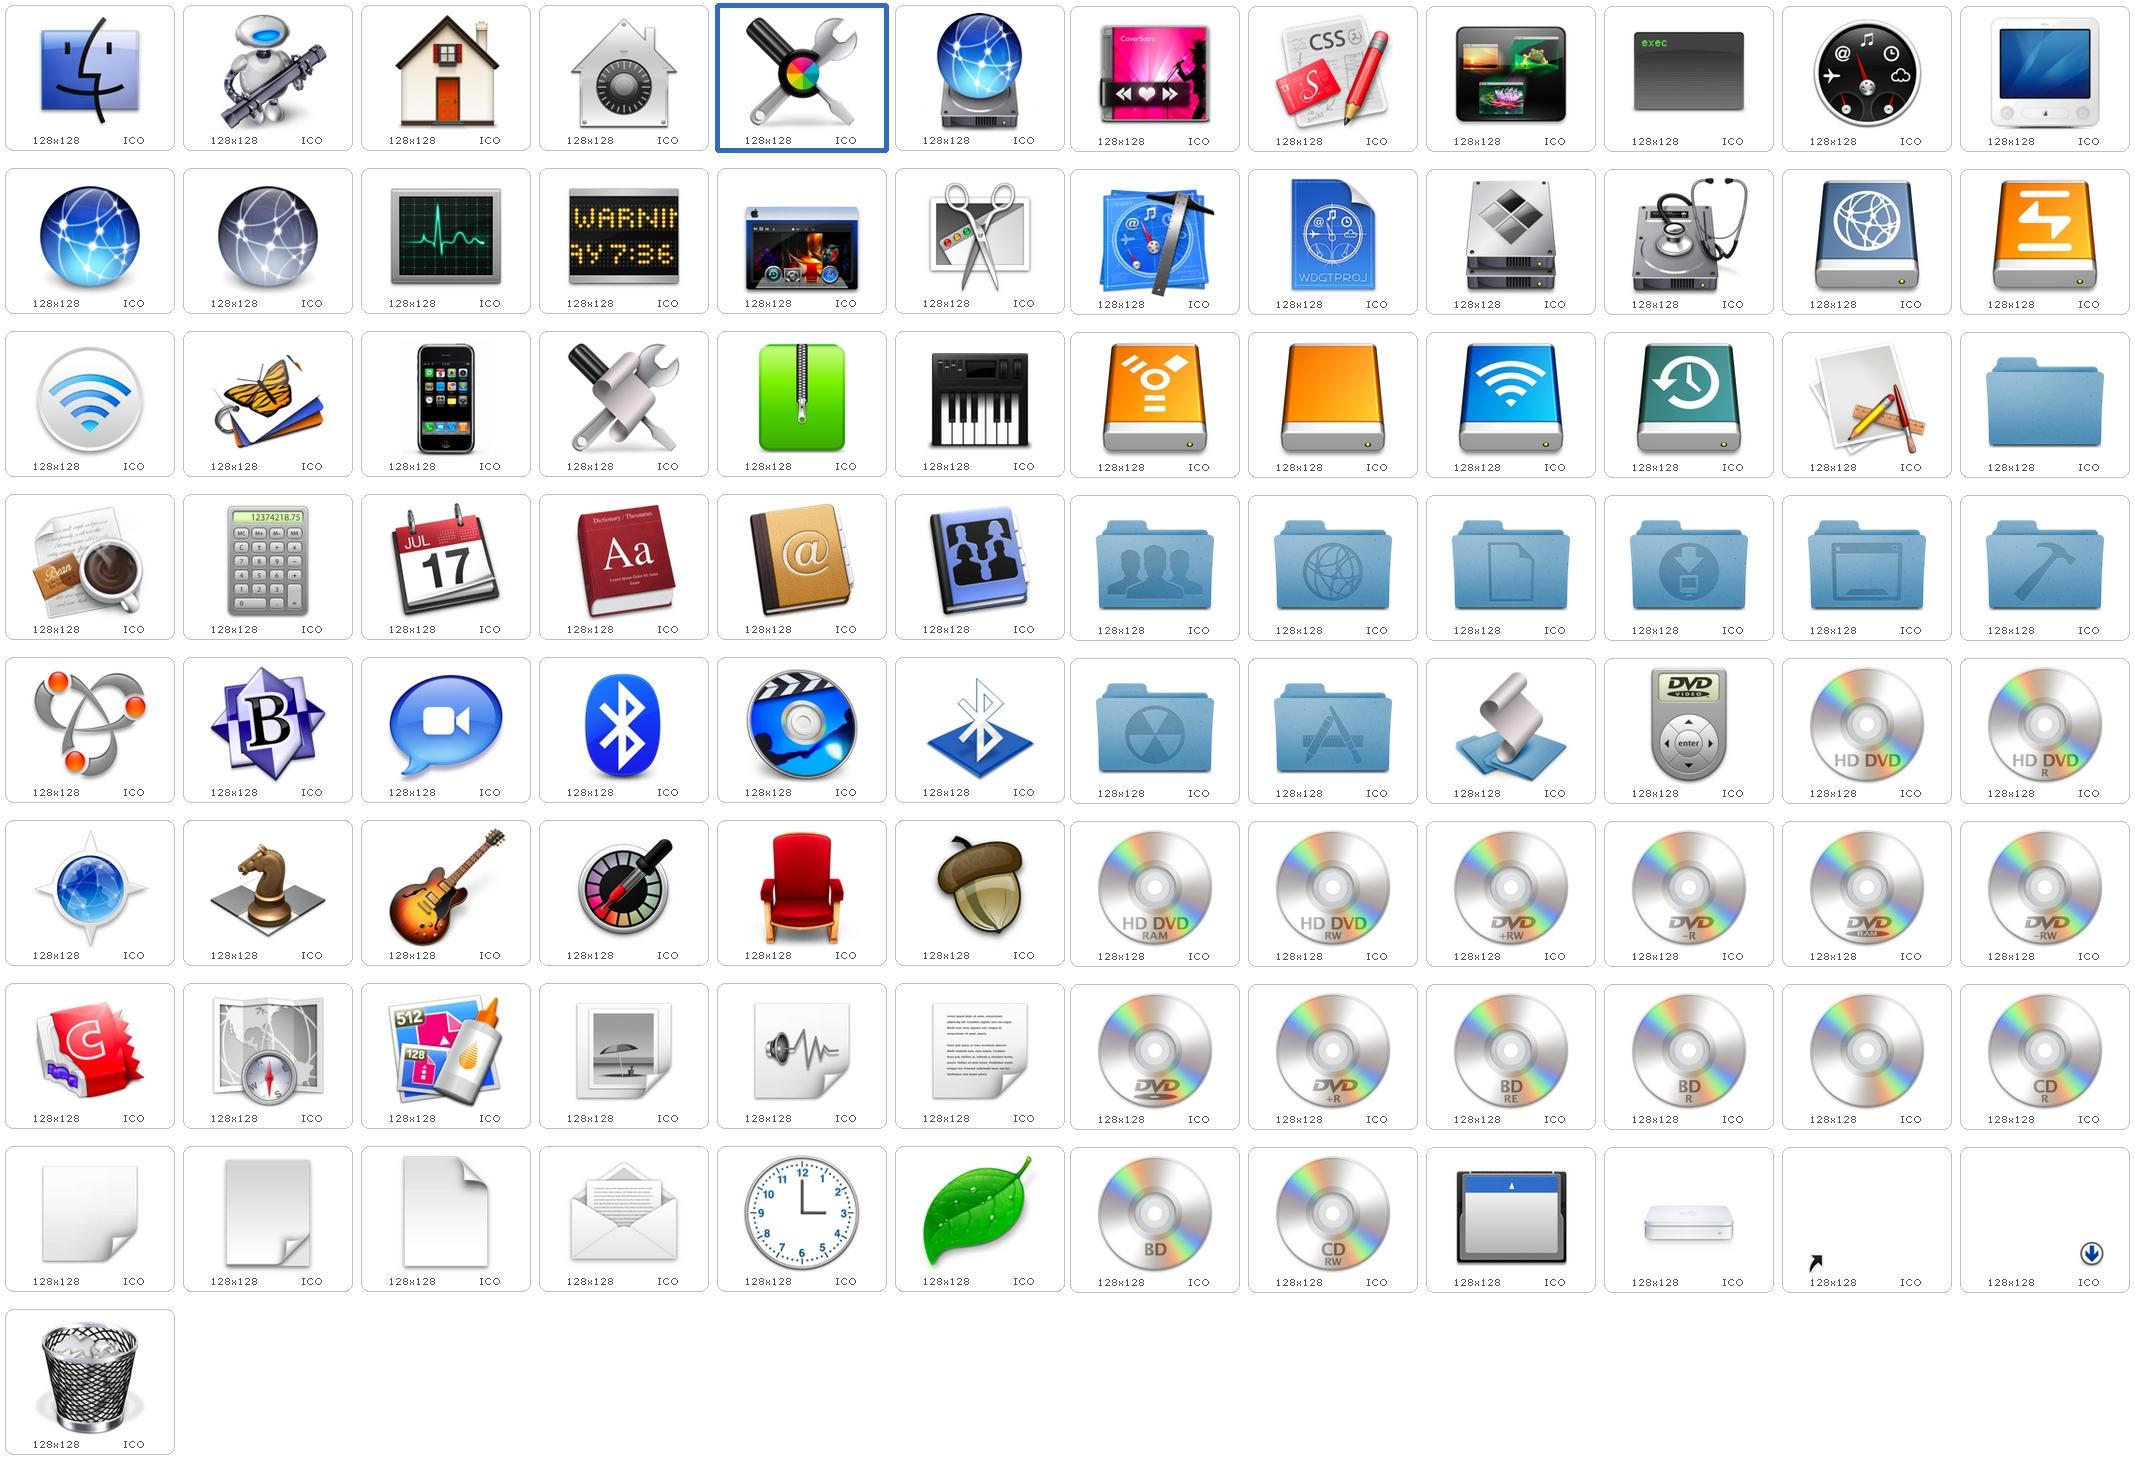 Leopard Default System Icons 2 by hjsergey on DeviantArt